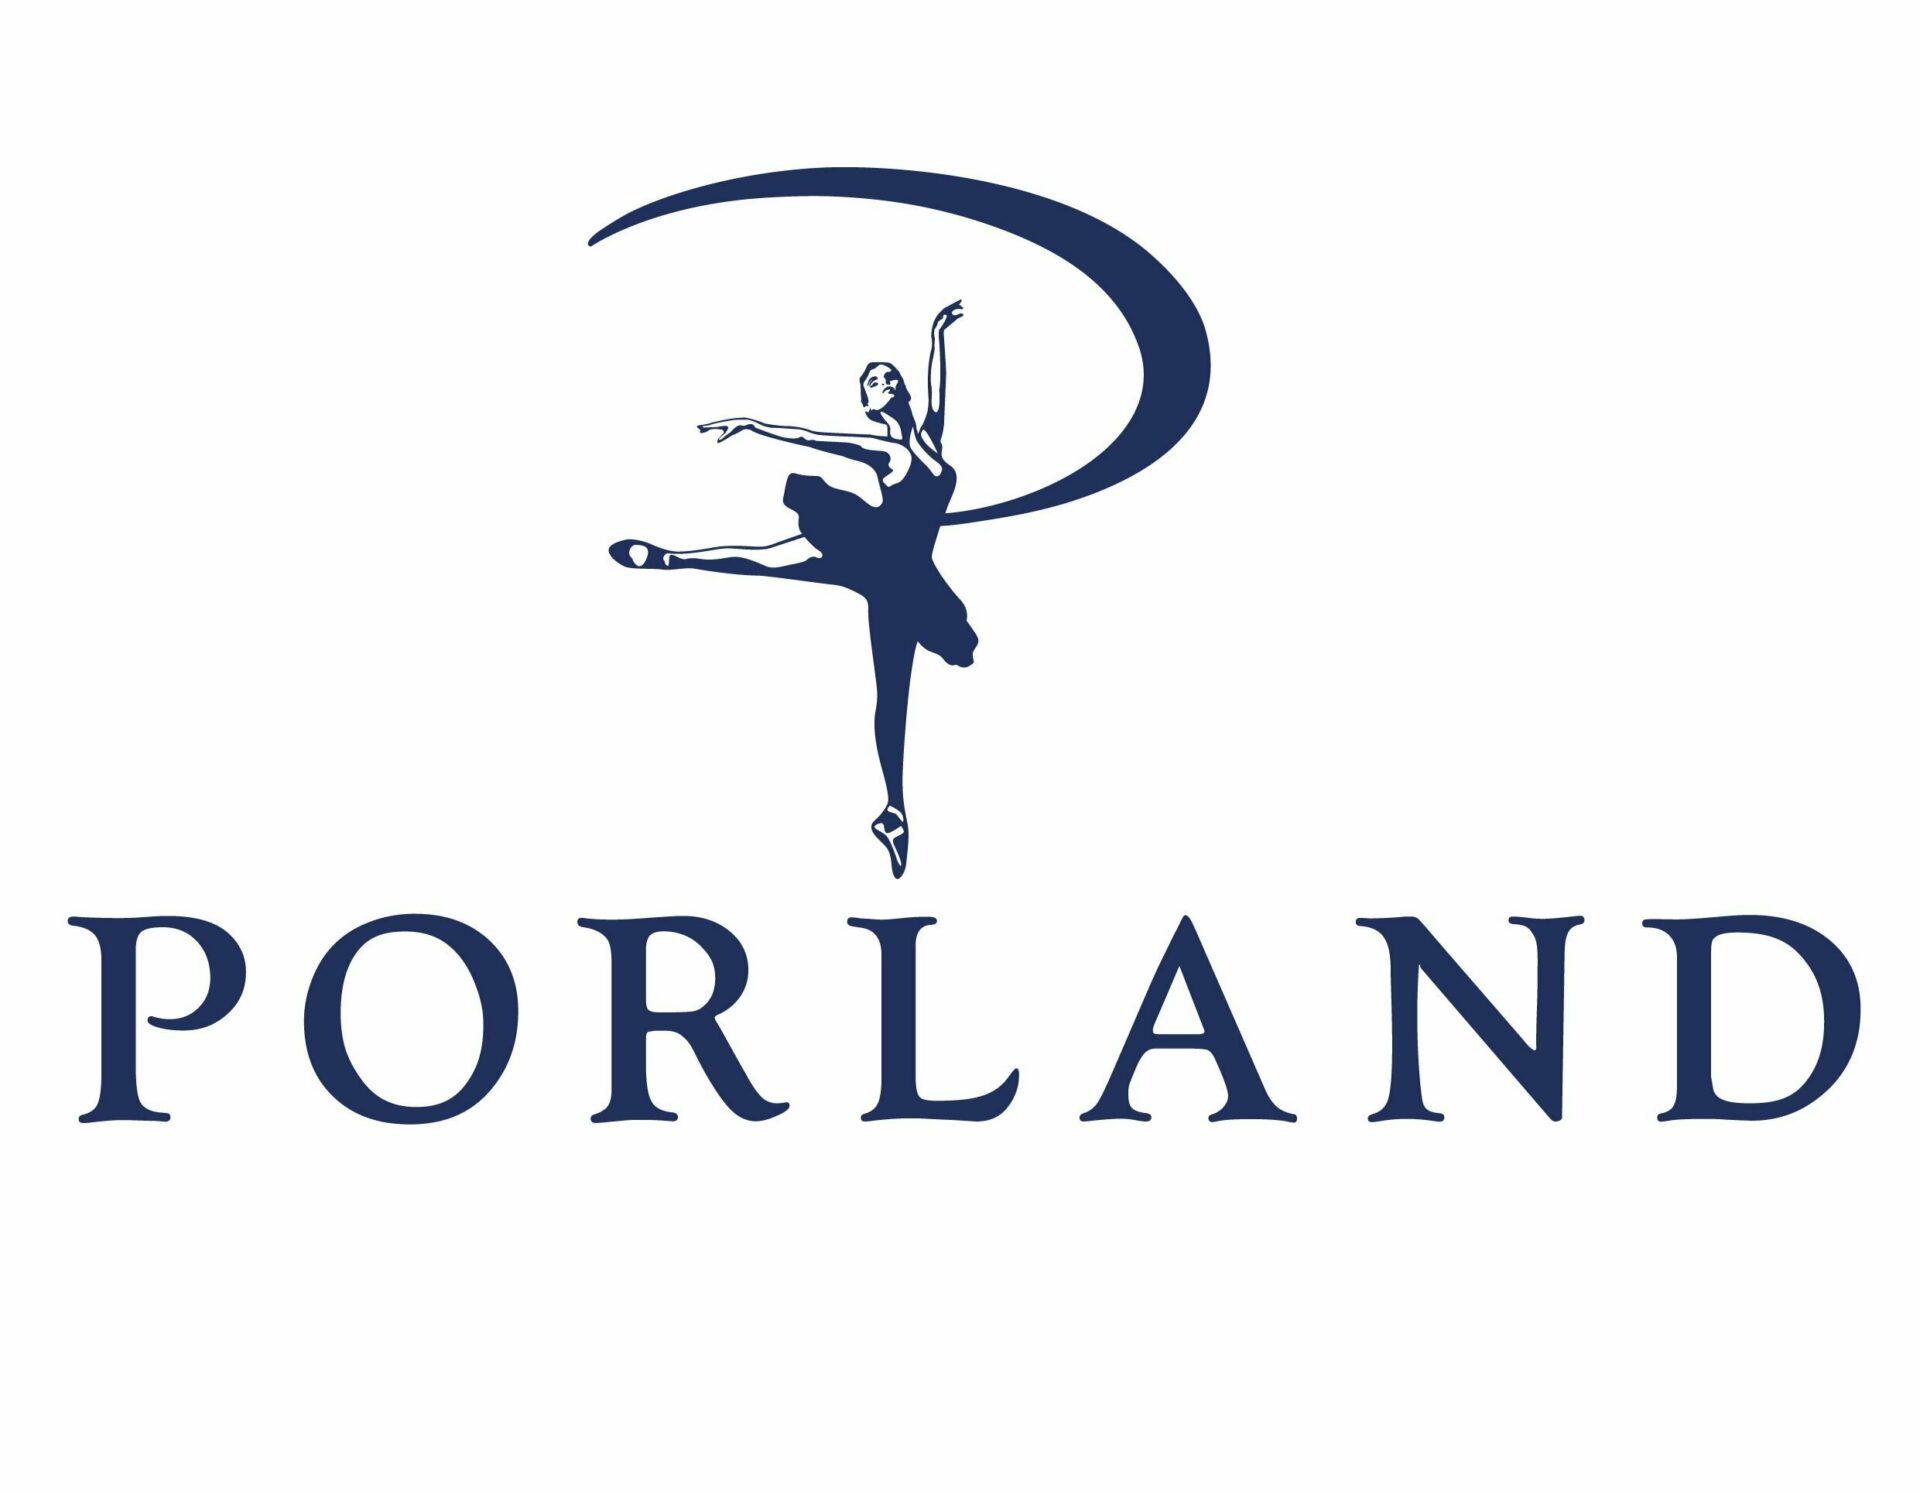 Porland Çağrı Merkezi İletişim Telefon Numarası